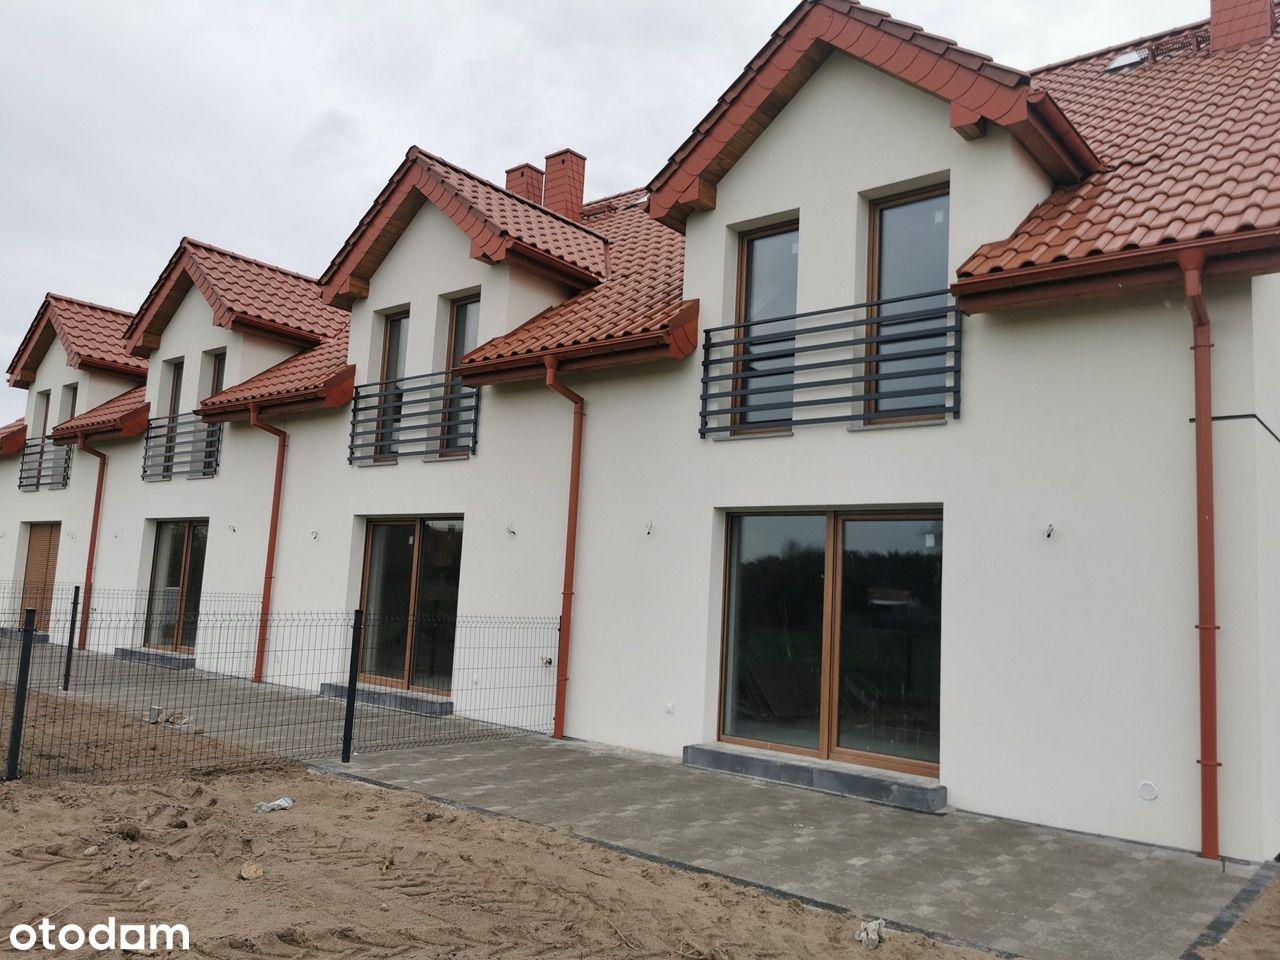 Nowy dom w zabudowie szeregowej pod lasem